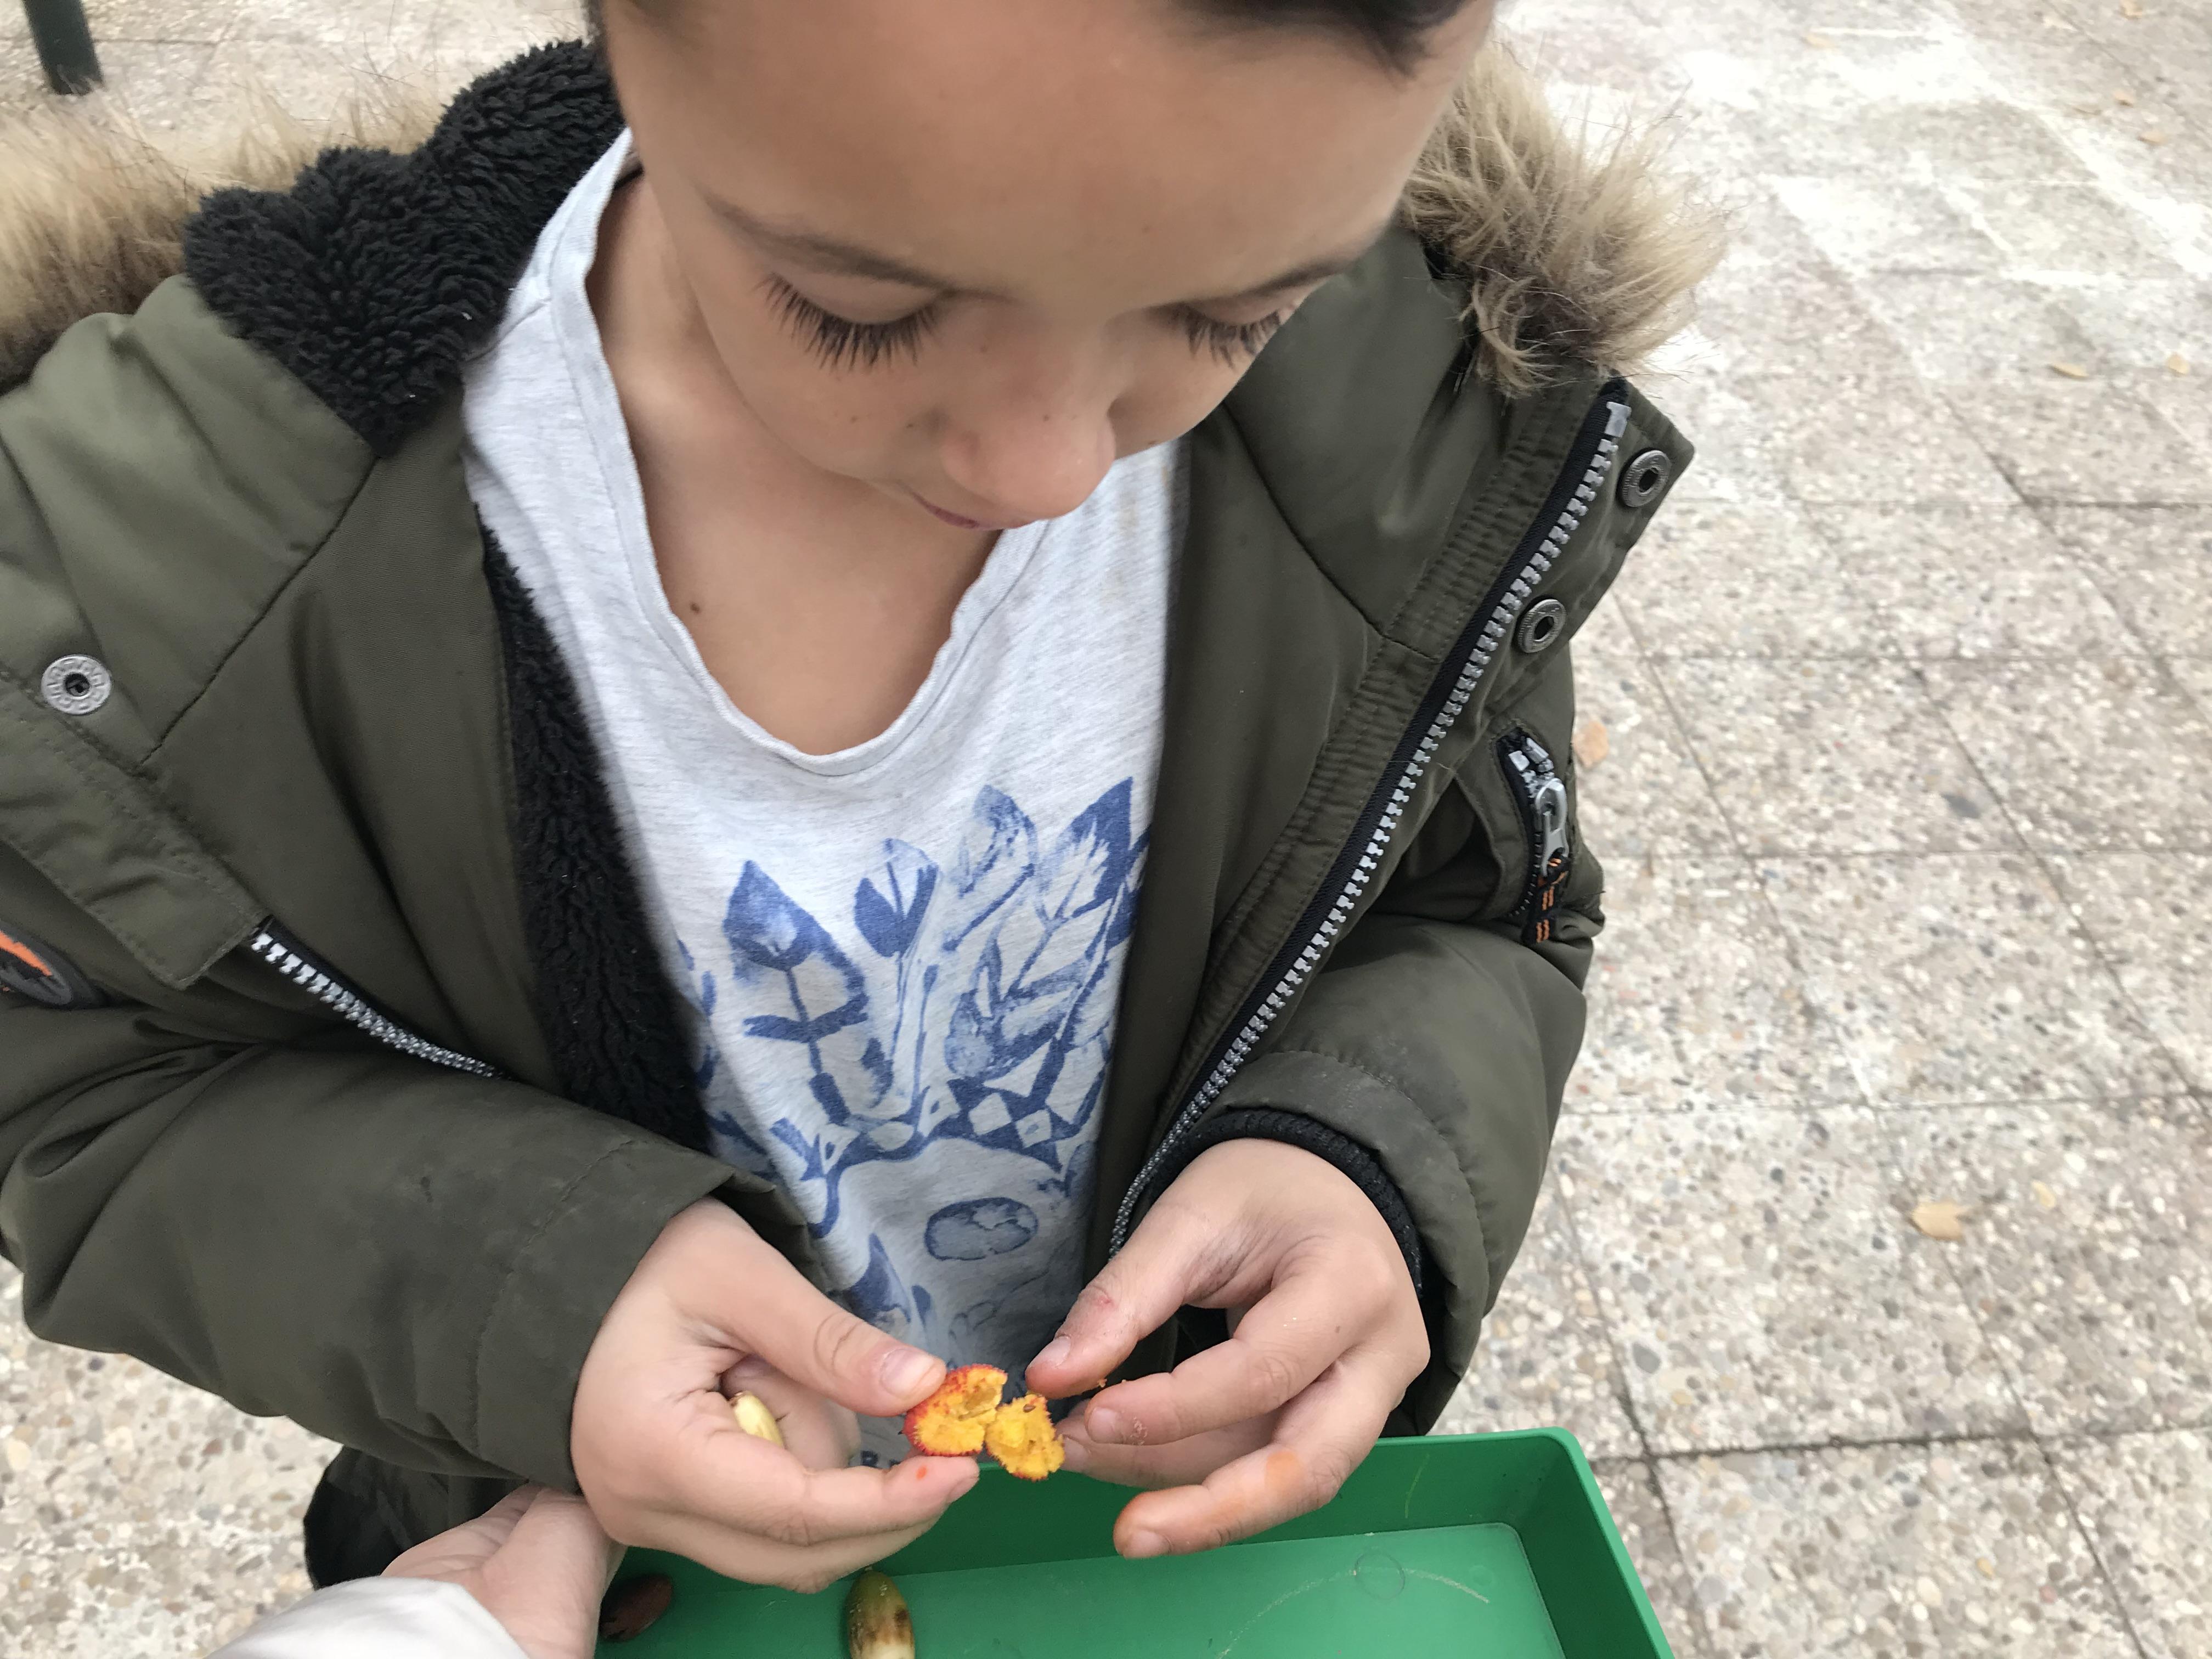 2018_12_05_1º Y 2º TRABAJAN LA BIODIVERSIDAD_PROYECTO THE GREAT PLANT HUNT_CEIP FDLR_Las Rozas 1